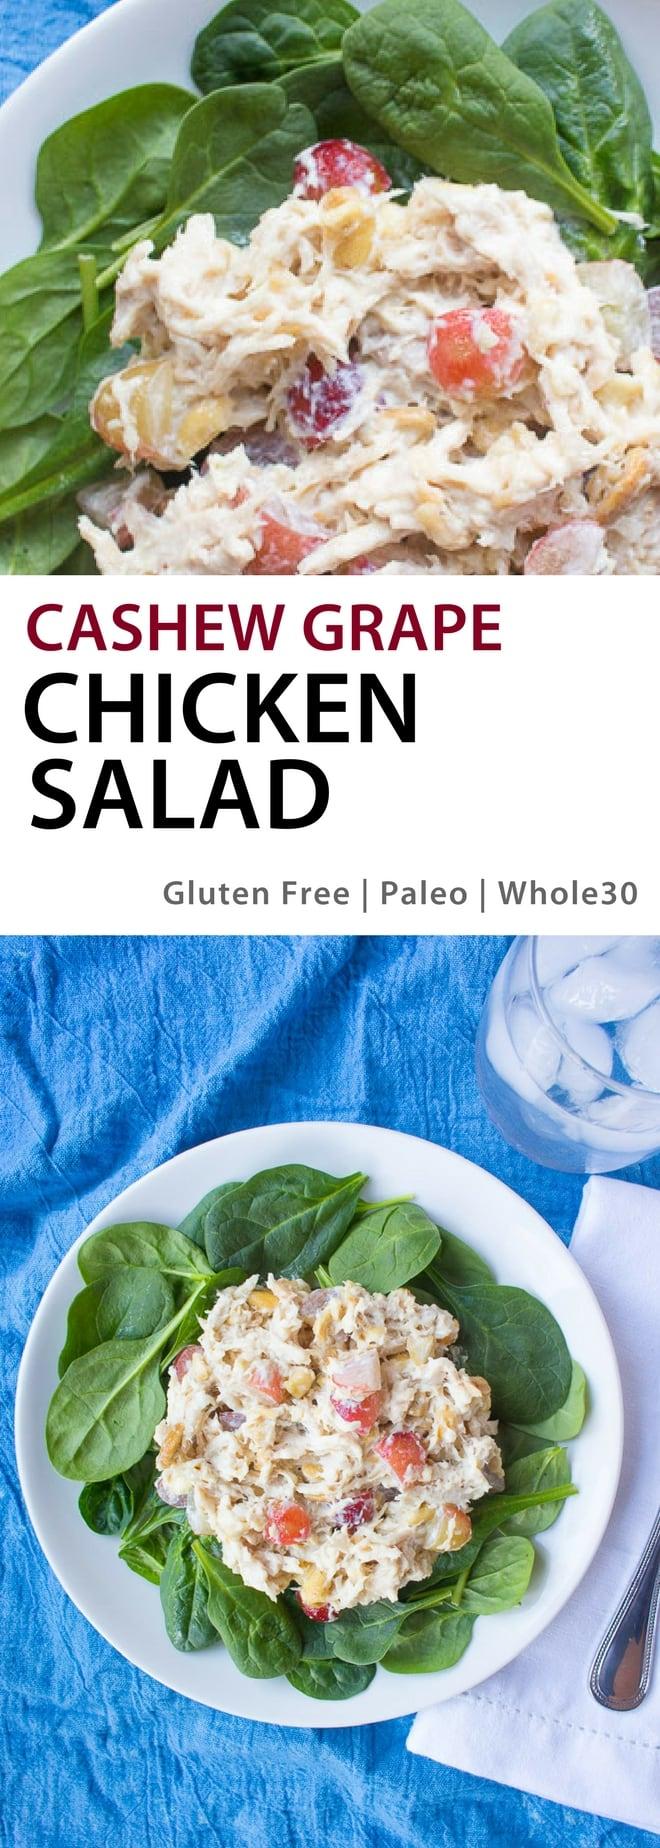 Cashew Grape Chicken Salad